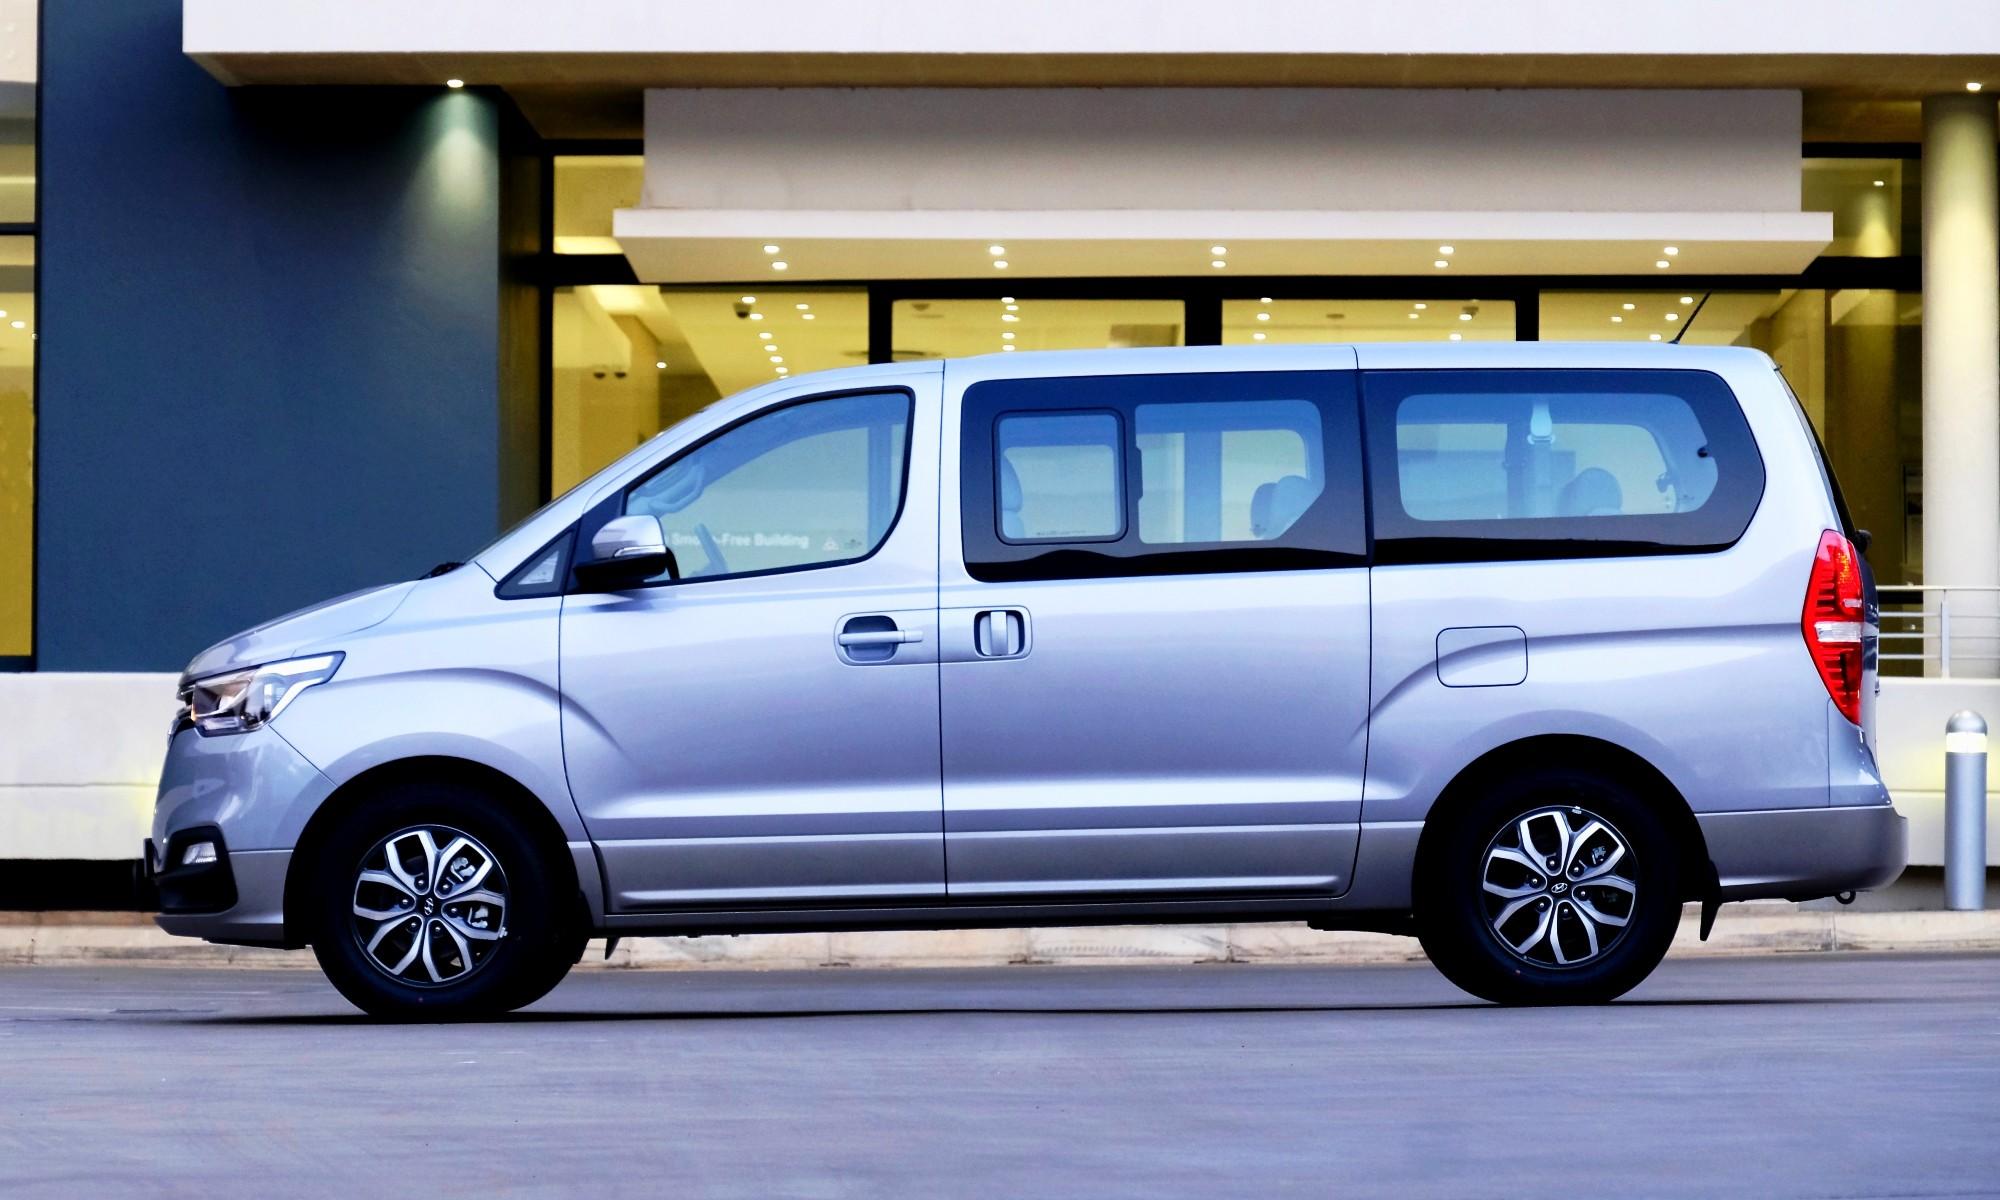 Hyundai H1 side